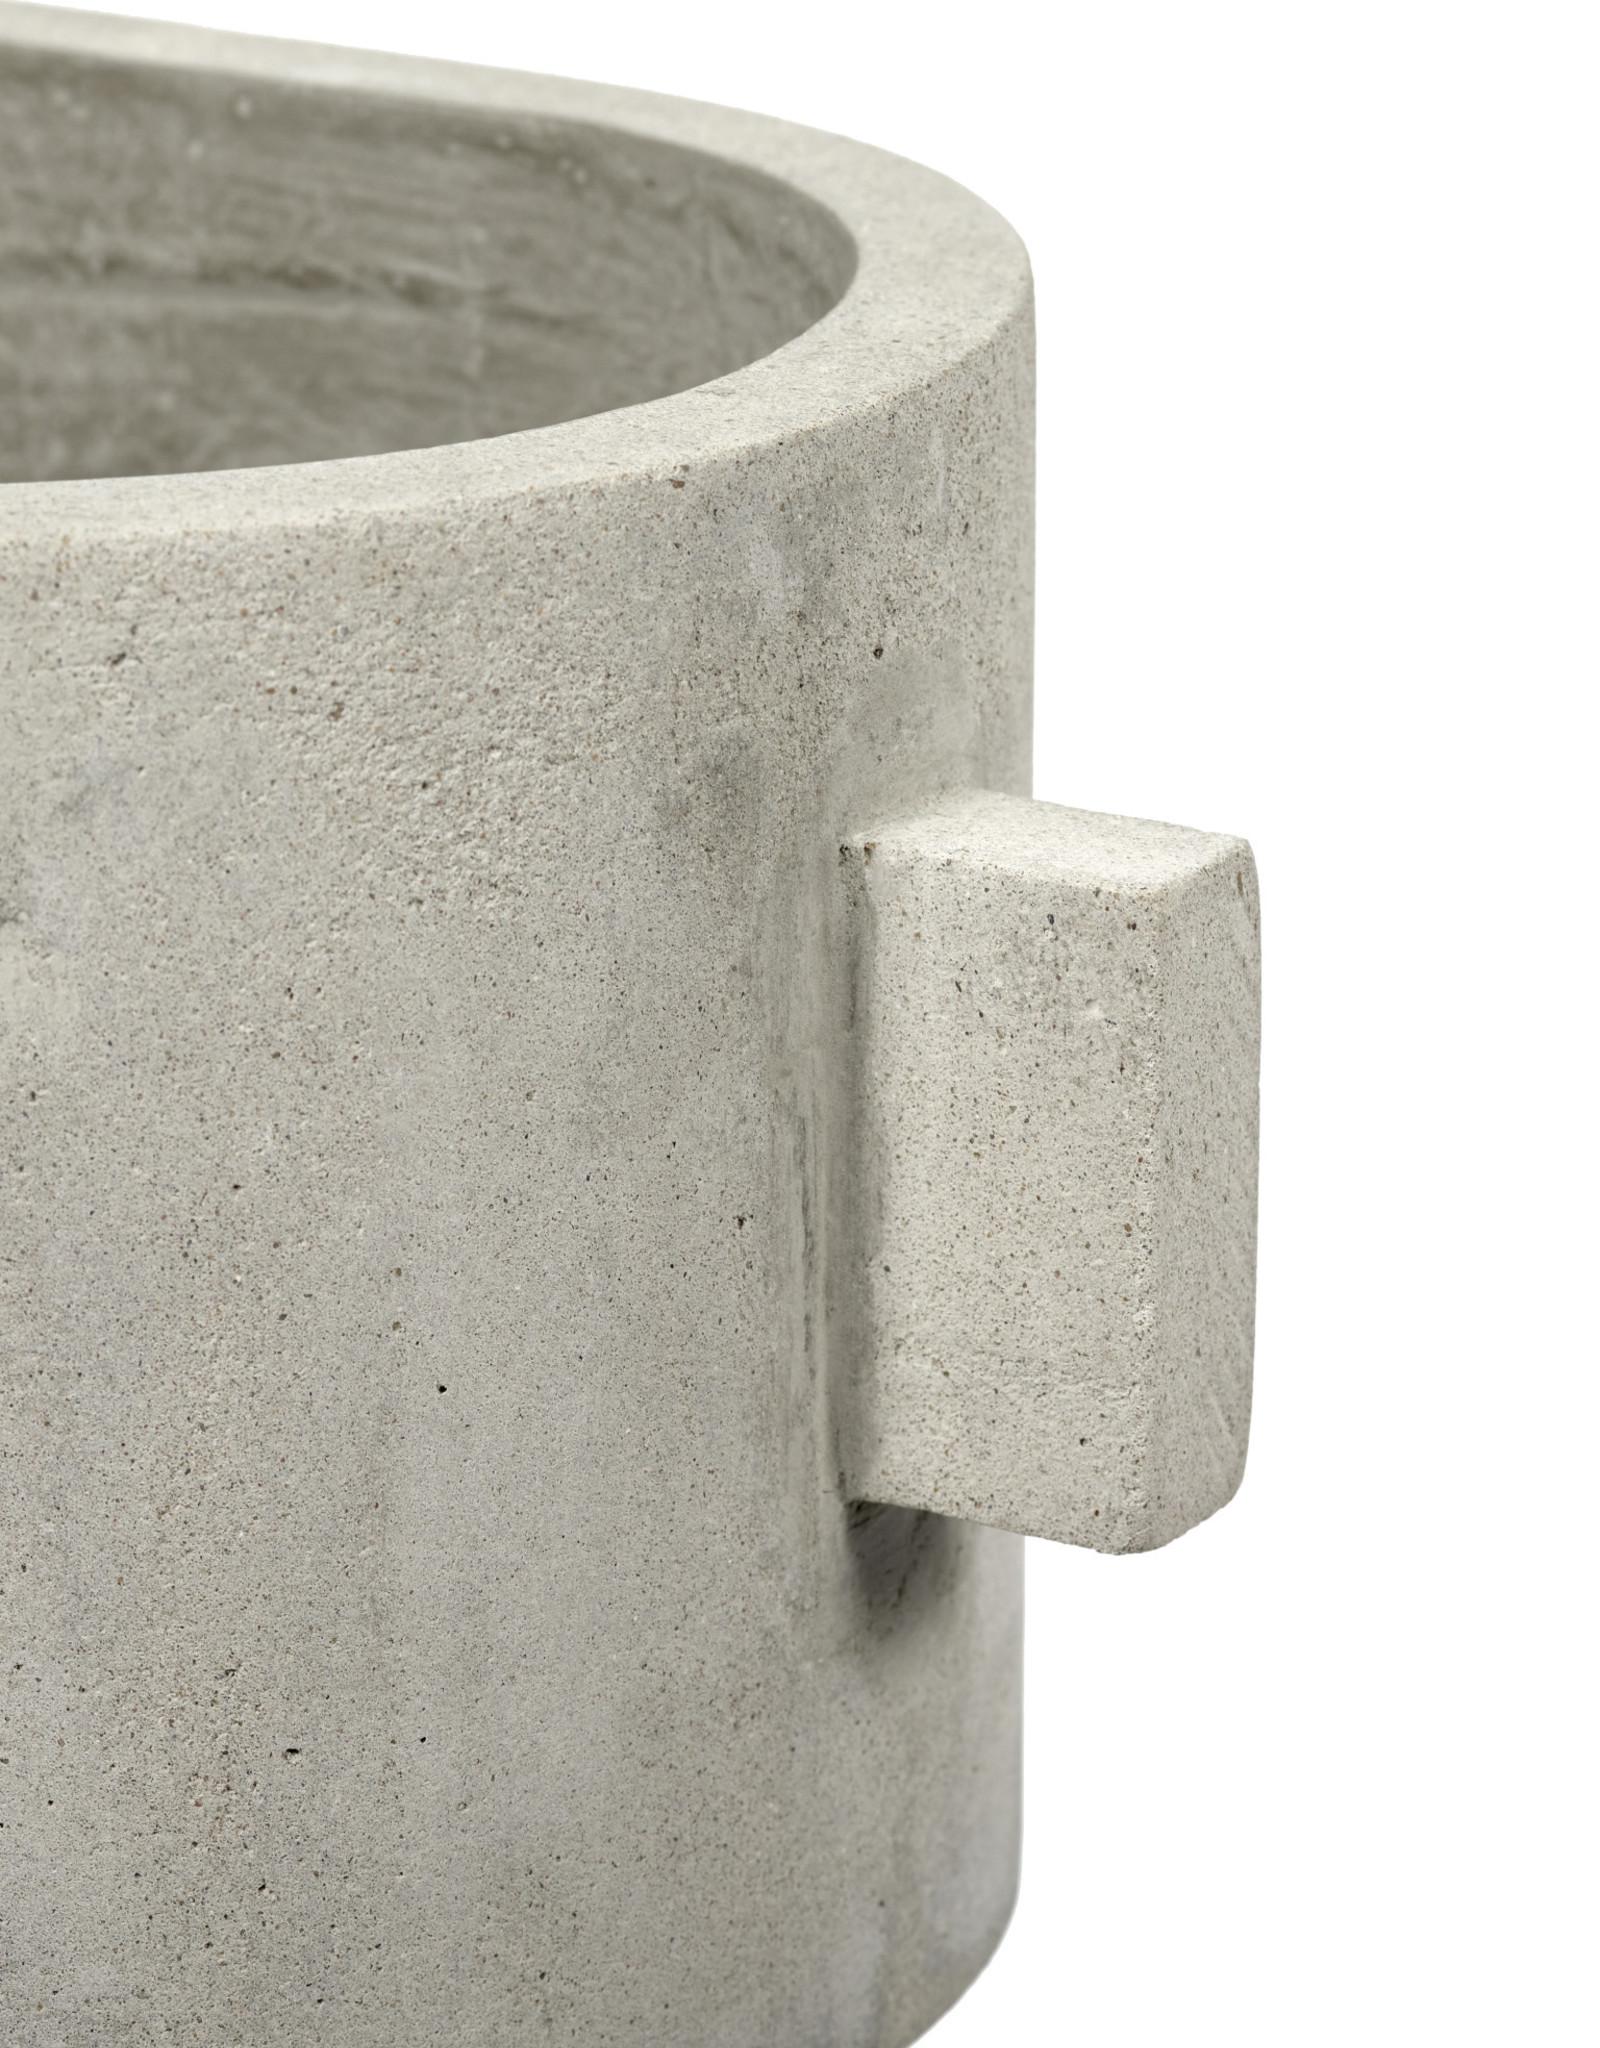 serax Concrete Oval Pot 21x15 h13